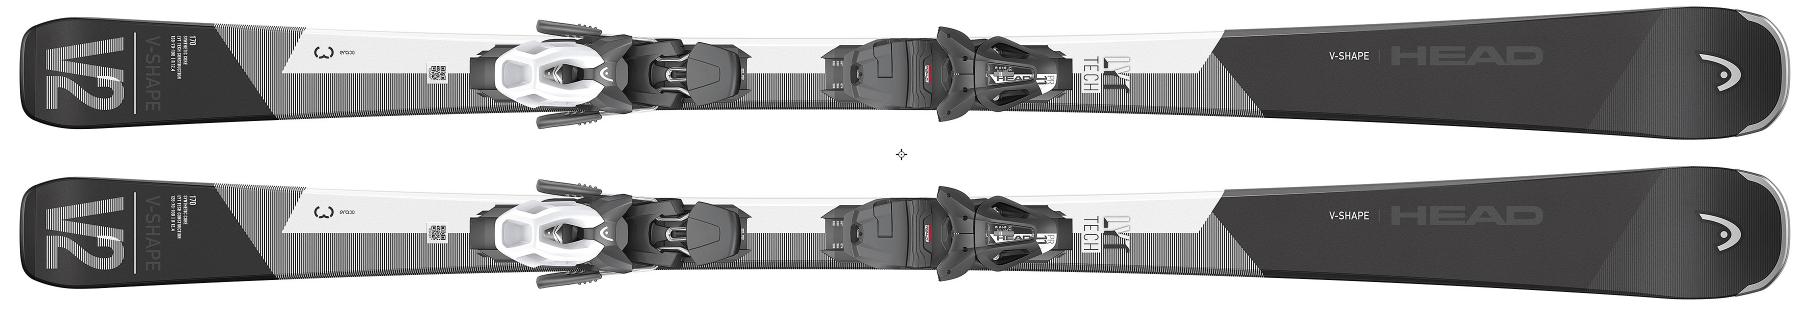 narty head v-shape v2 2021